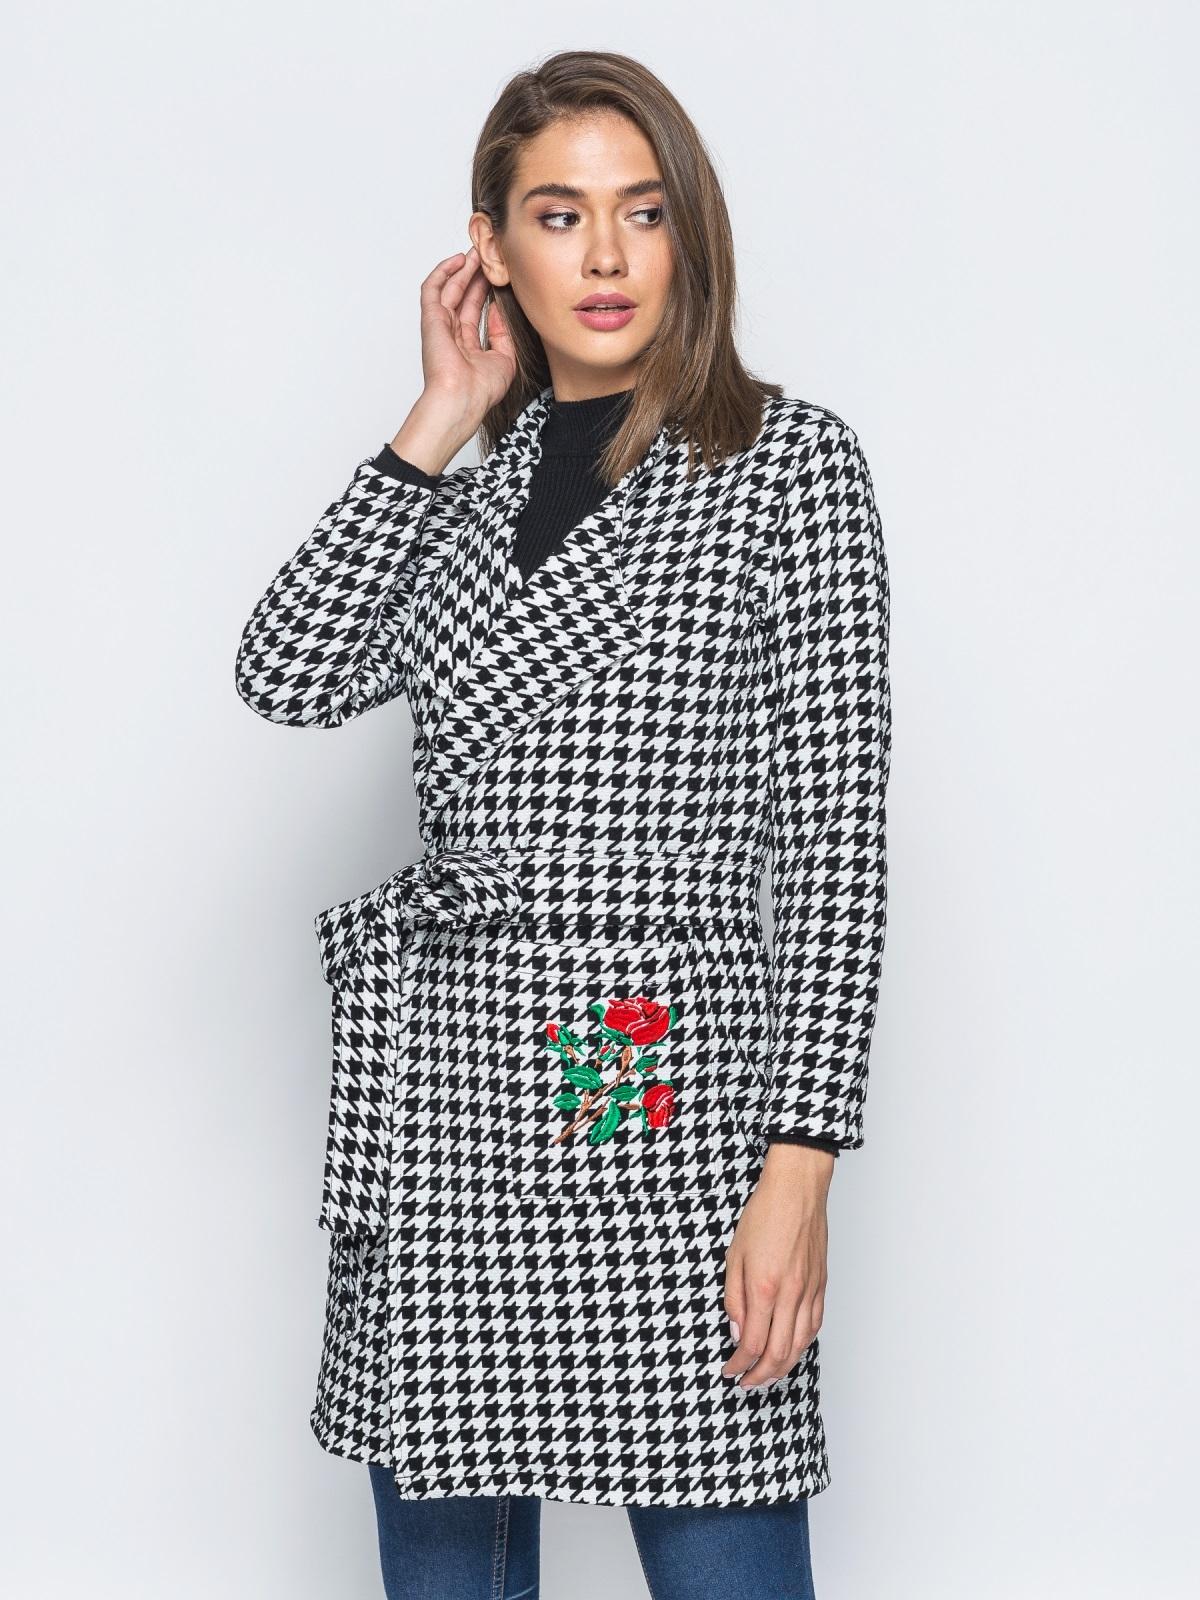 Кардиган с вышивкой на кармане и с поясом бело-черный - 15739, фото 1 – интернет-магазин Dressa